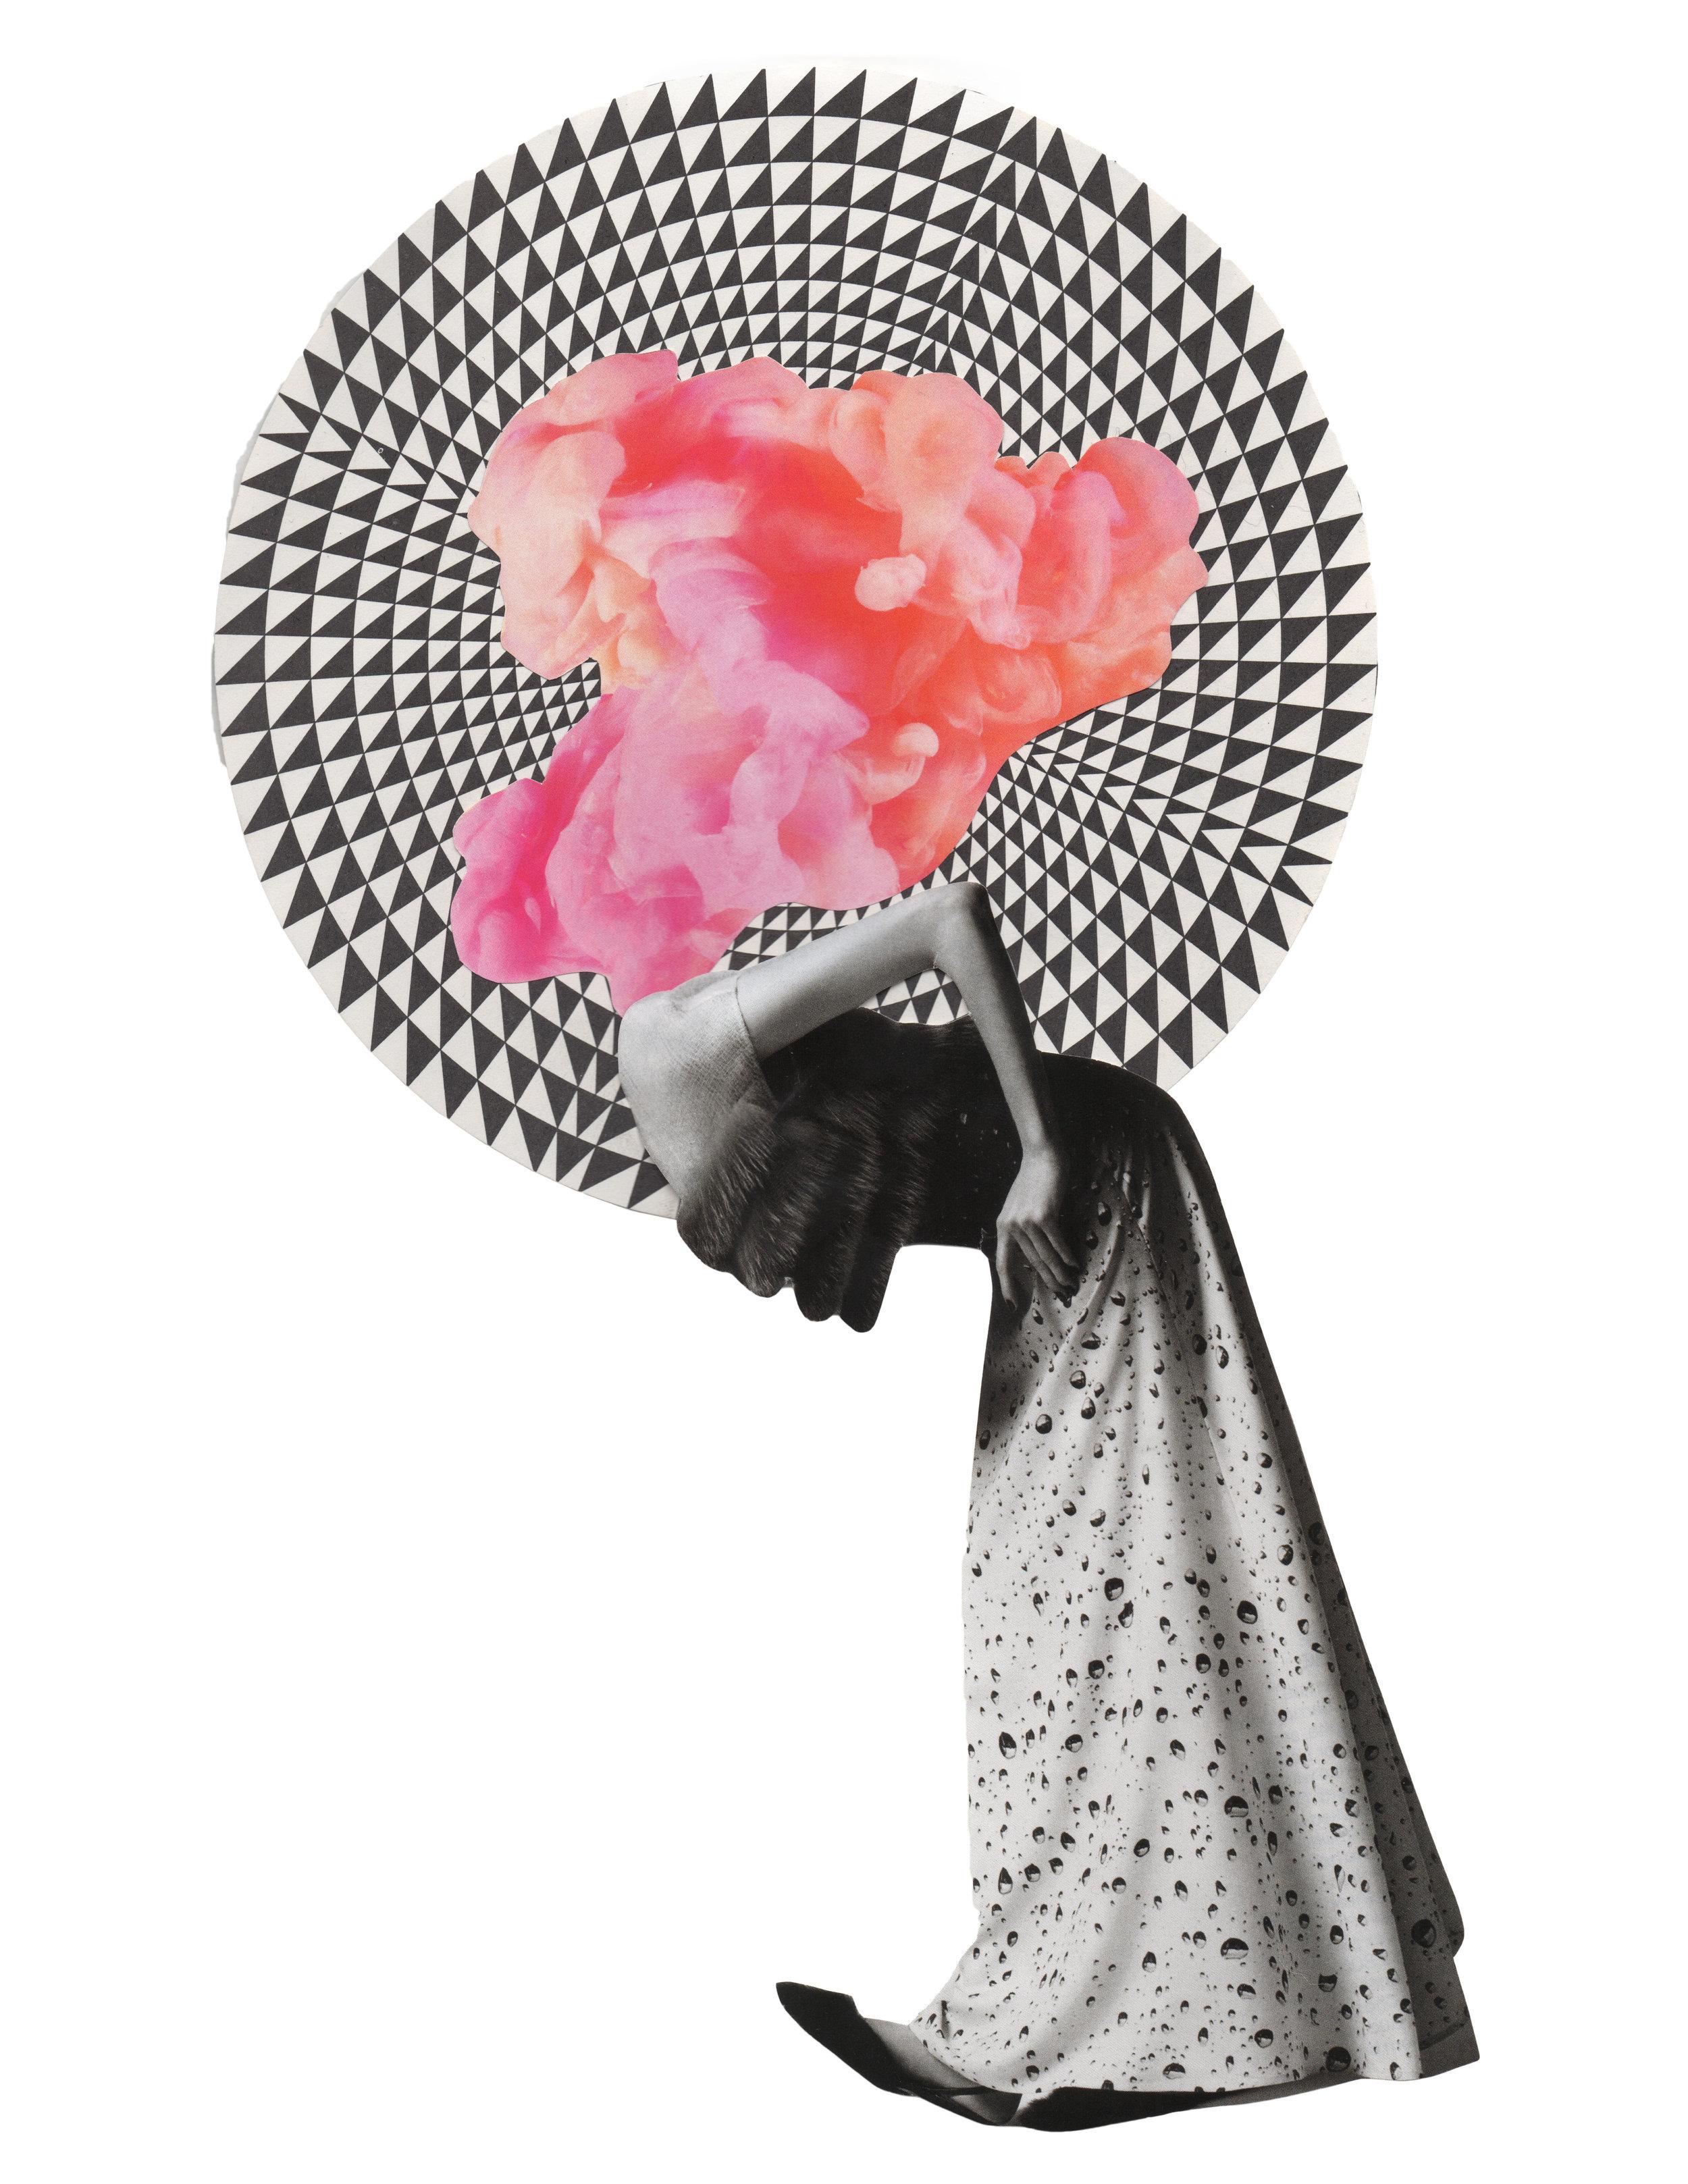 Collage Art by Chad Fedorovich • www.chaderone.com/